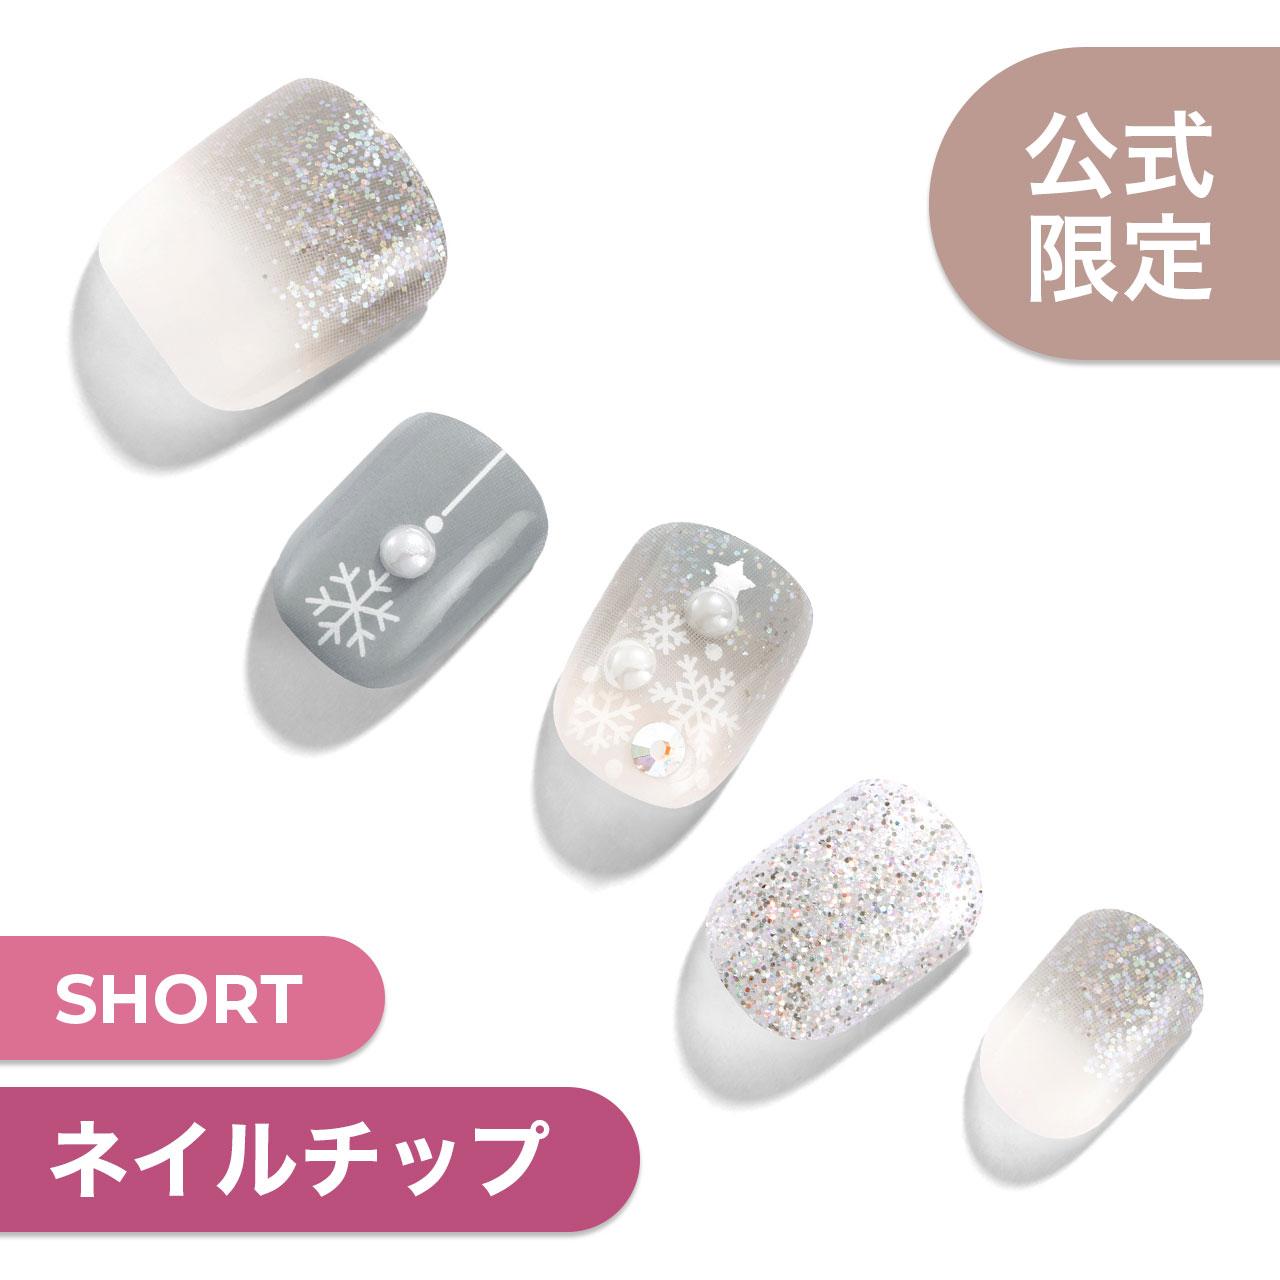 【Twinkle Snow】ダッシングディバマジックプレス